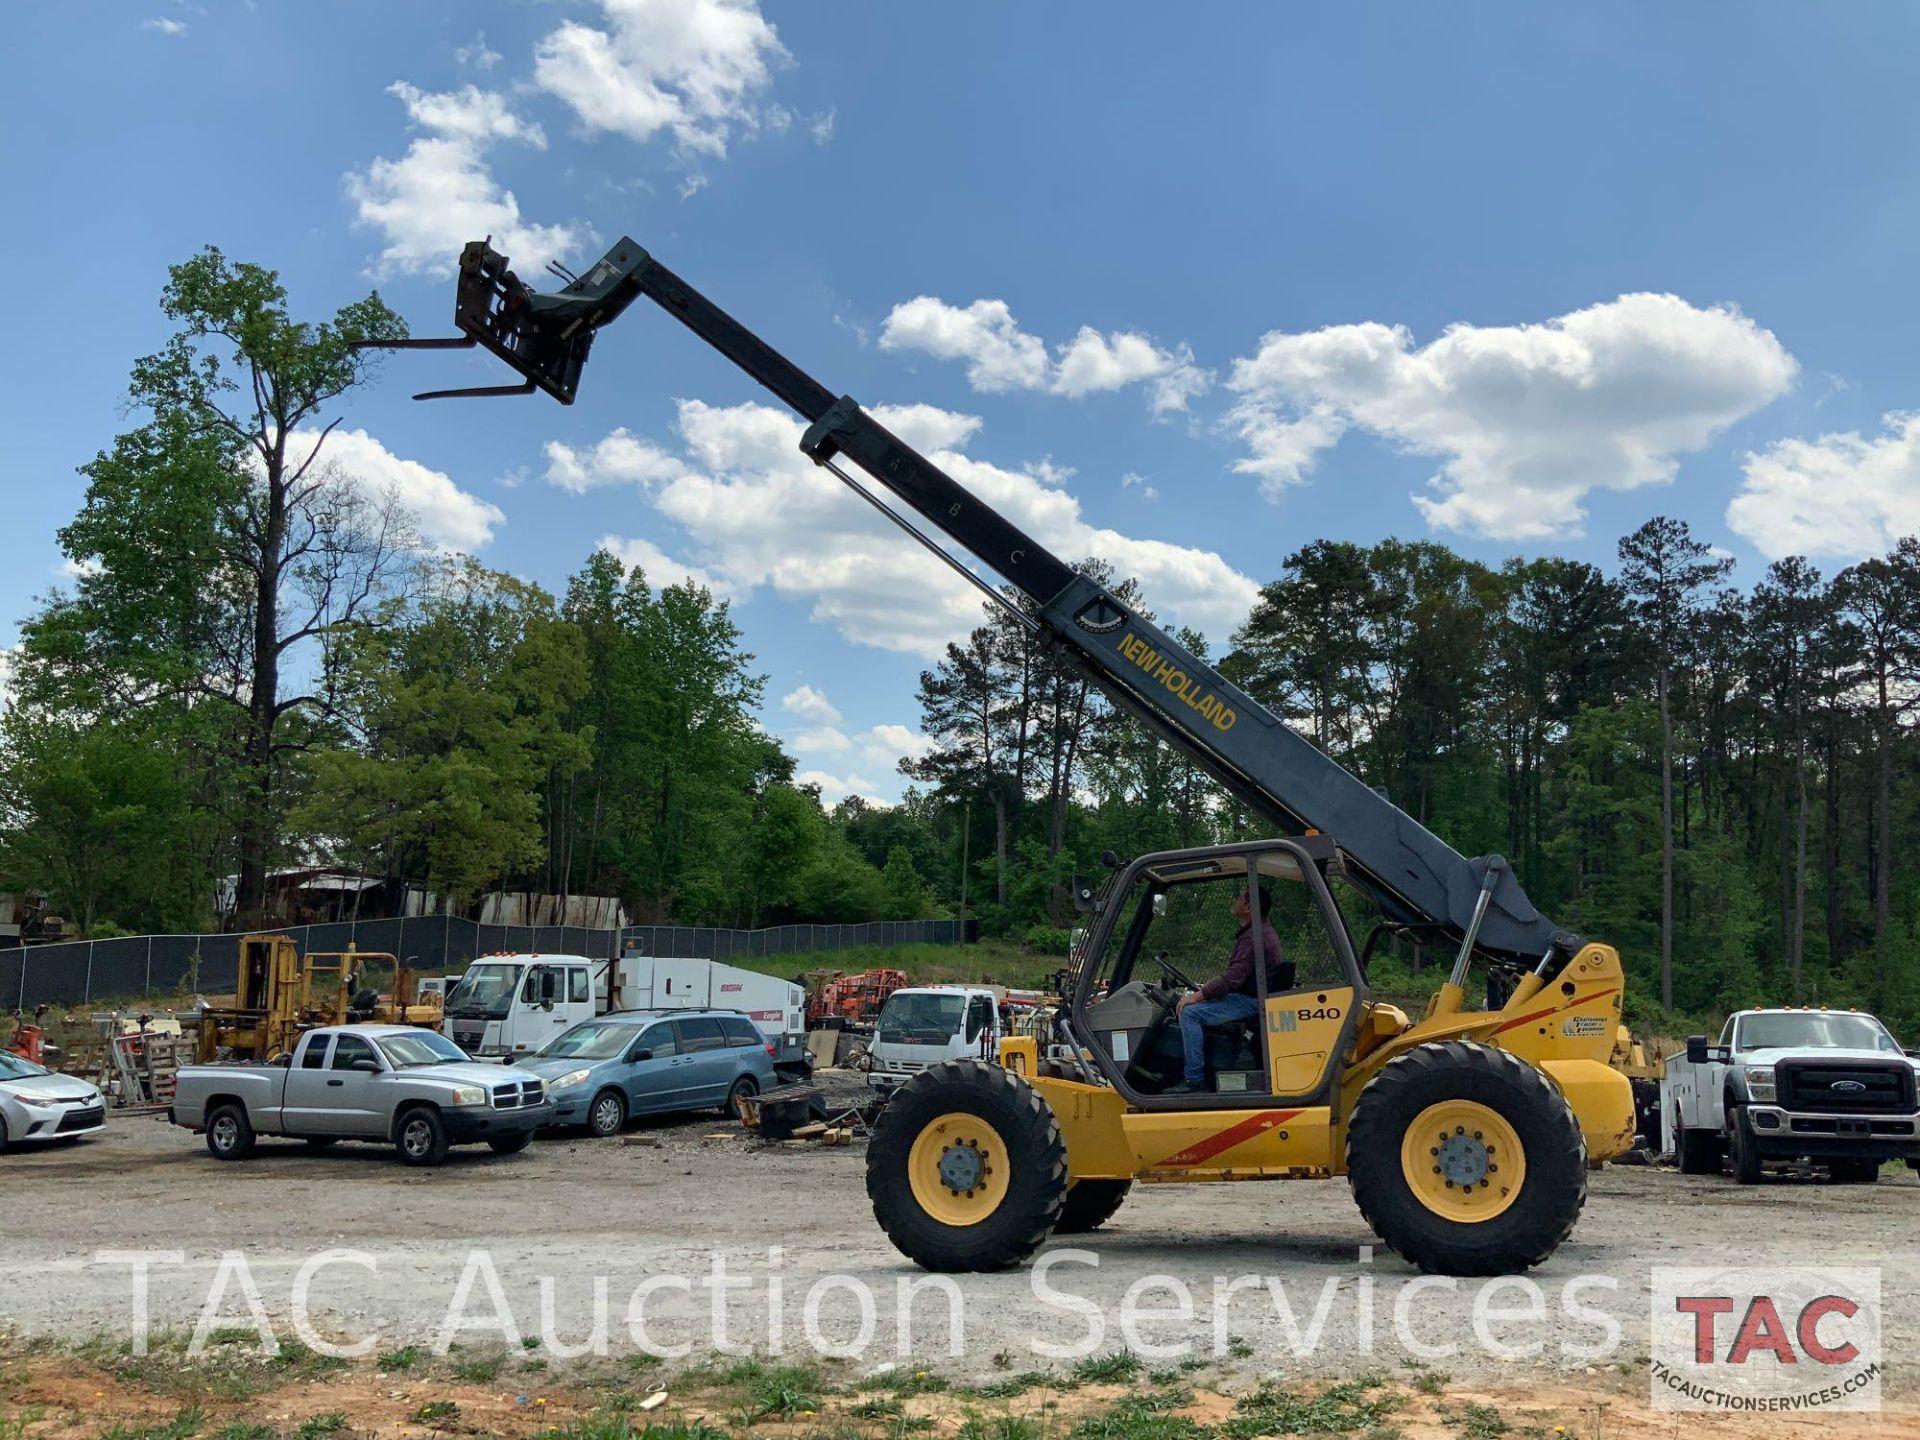 1999 New Holland LM840 Telehandler Forklift - Image 22 of 25